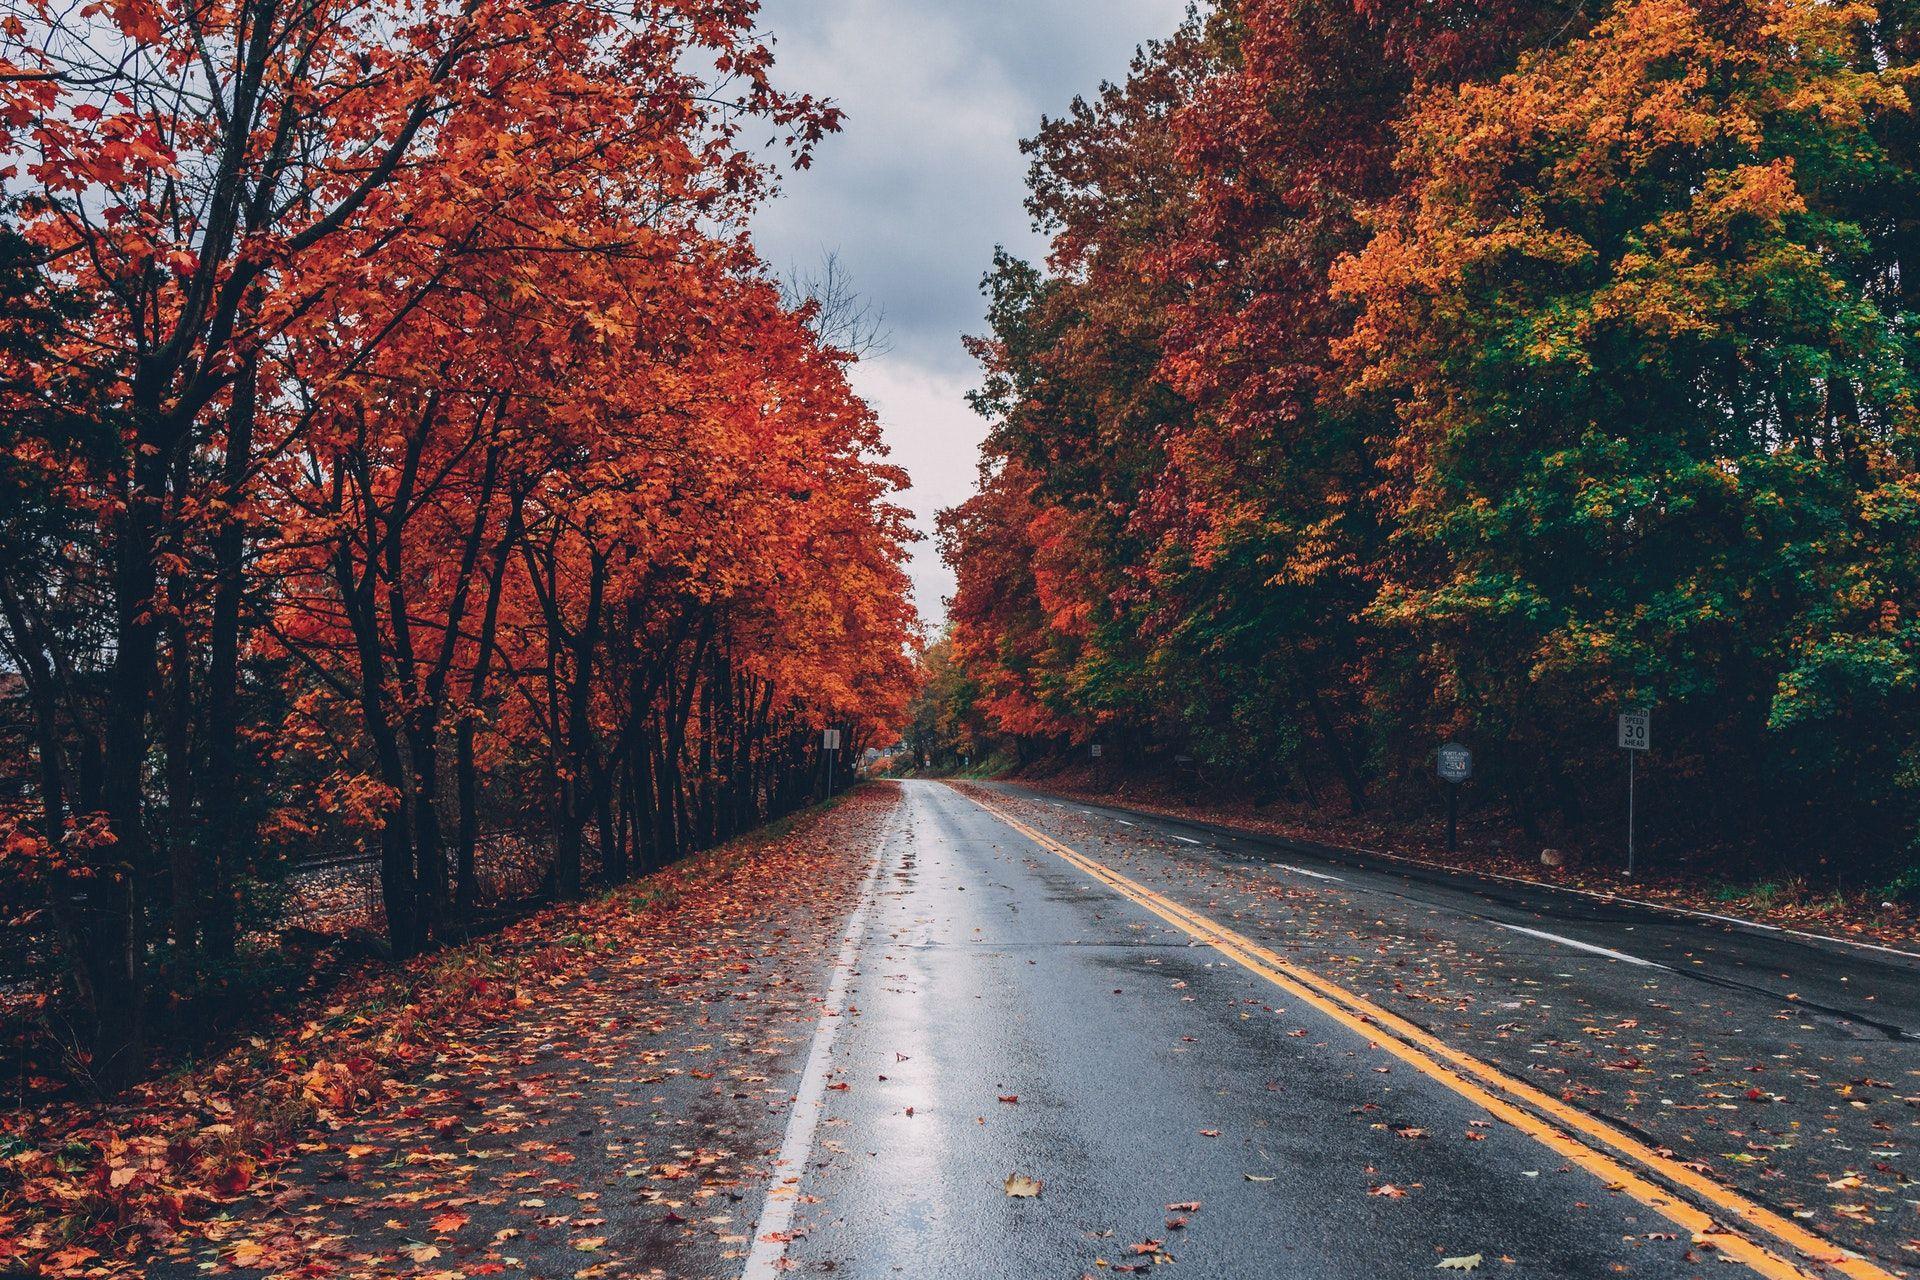 عکس زمینه جاده پاییزی عاشقانه پس زمینه